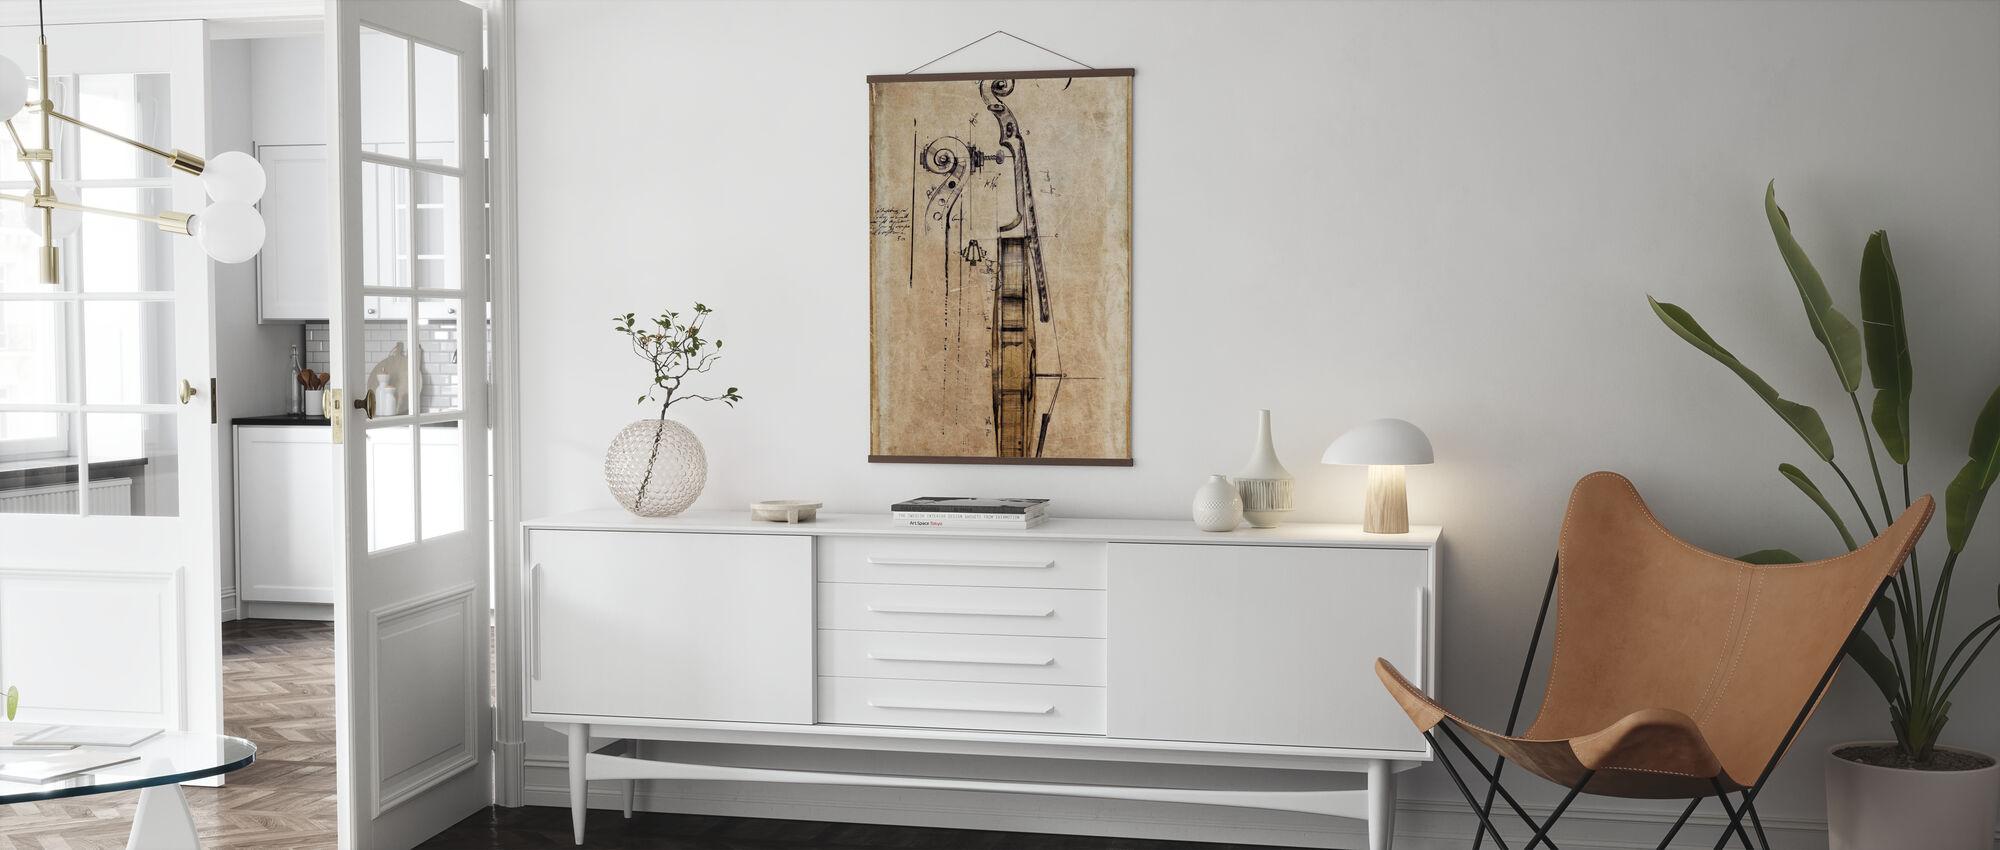 Violine - Poster - Wohnzimmer